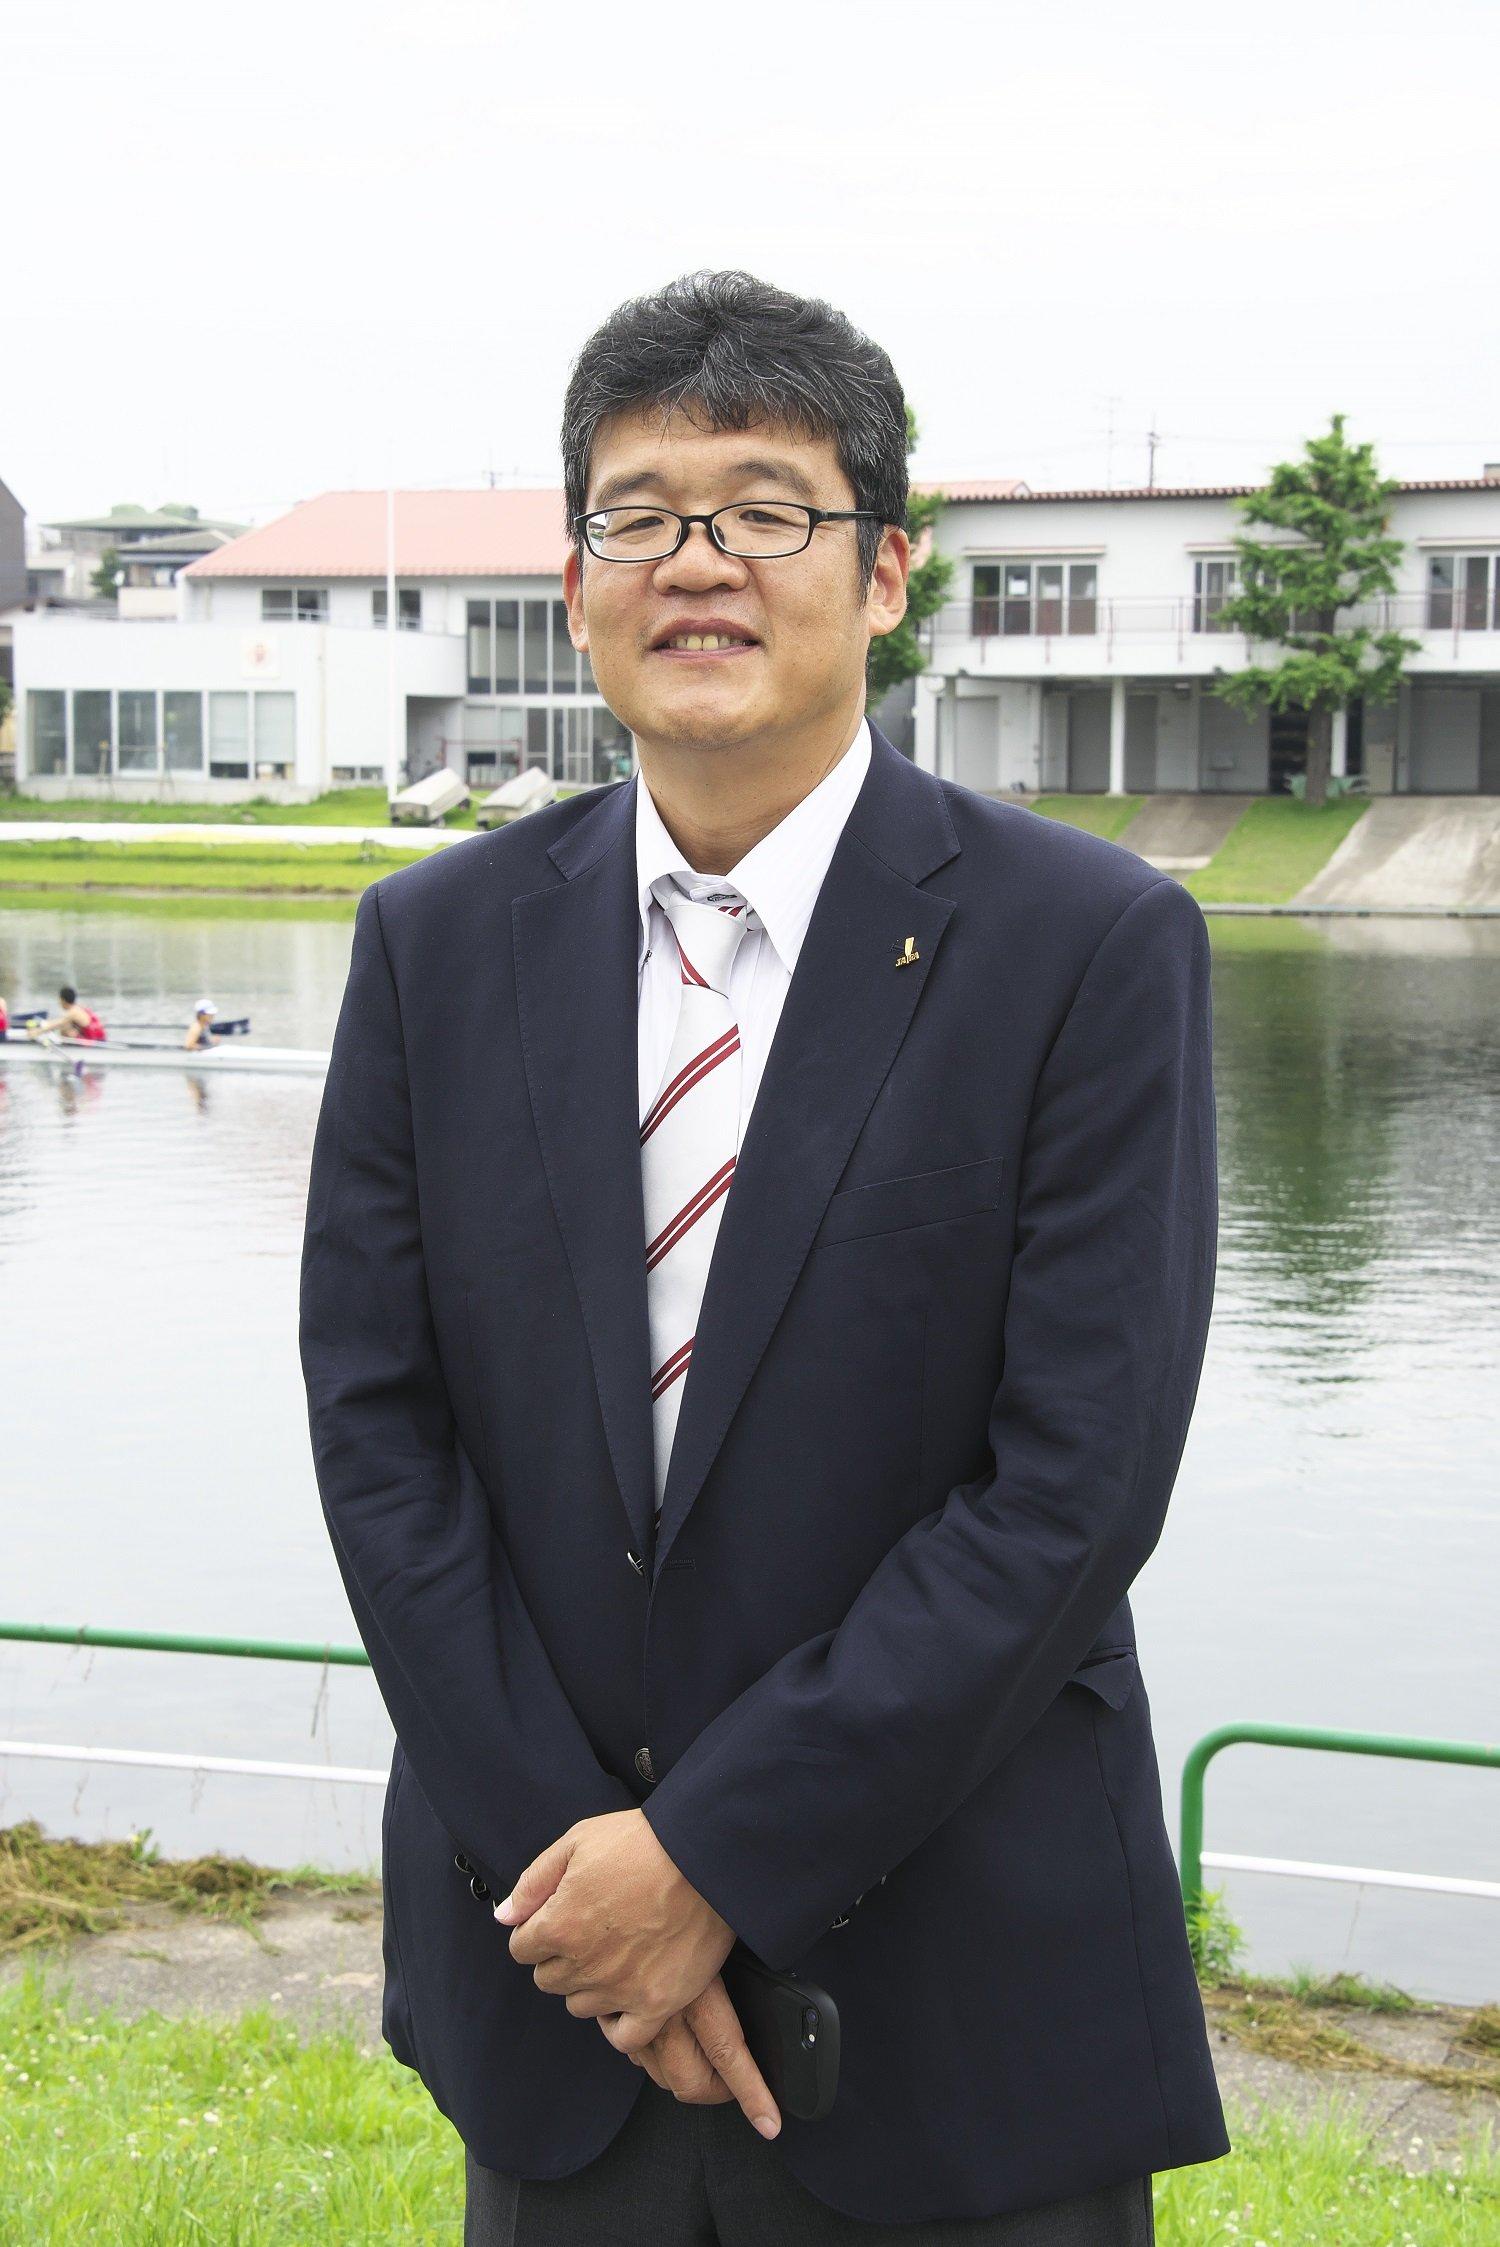 日本ボート協会広報担当の吉田健二さん。ご自身も早稲田大学でボート競技の日々だった。